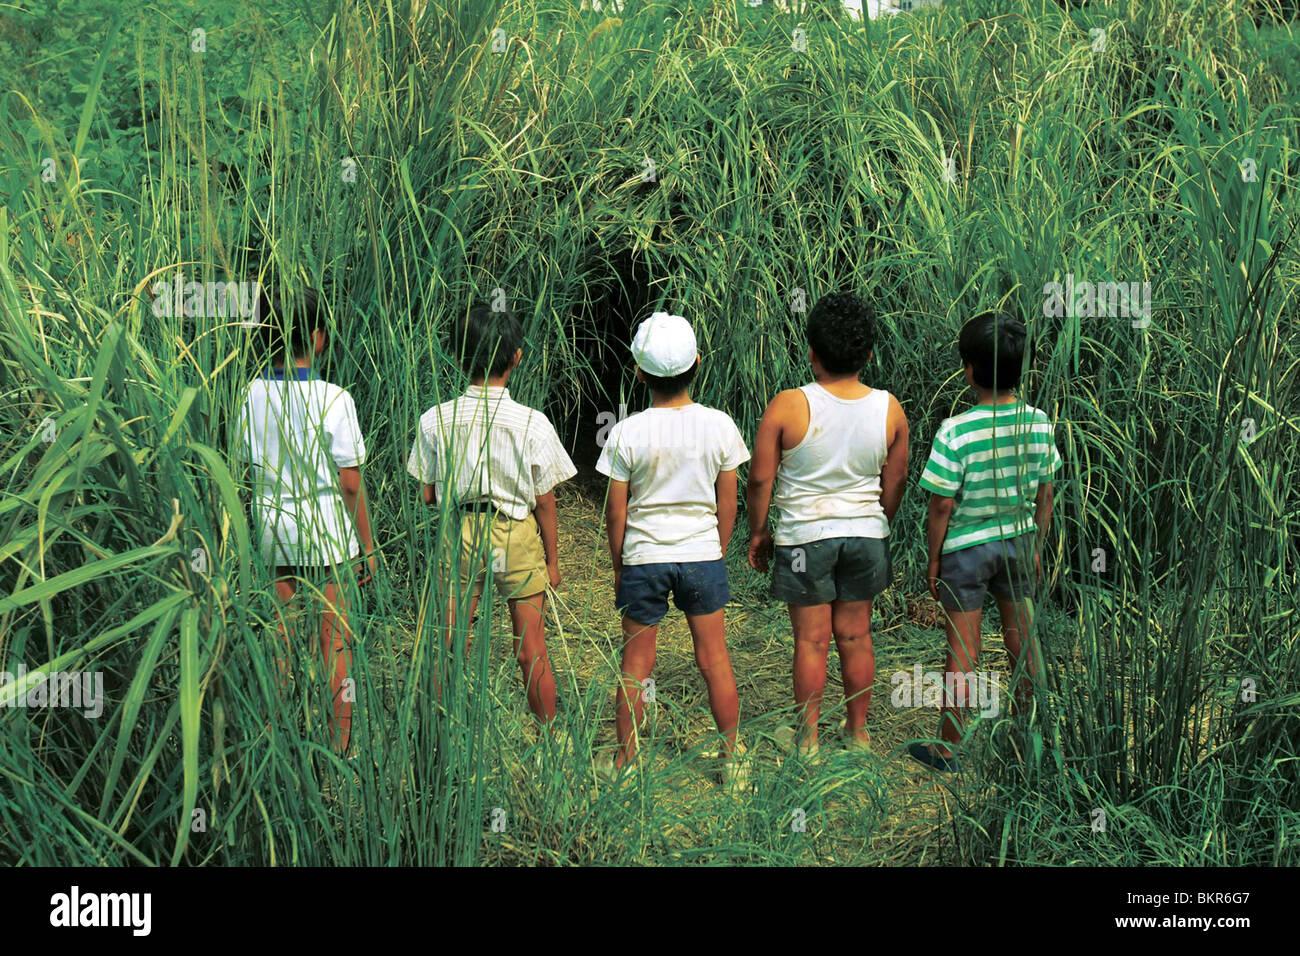 20-SEIKI SHONEN (2008) 20esimo secolo per i ragazzi (ALT) YUKIHIKO TSUTSUMI (DIR) 001 Immagini Stock